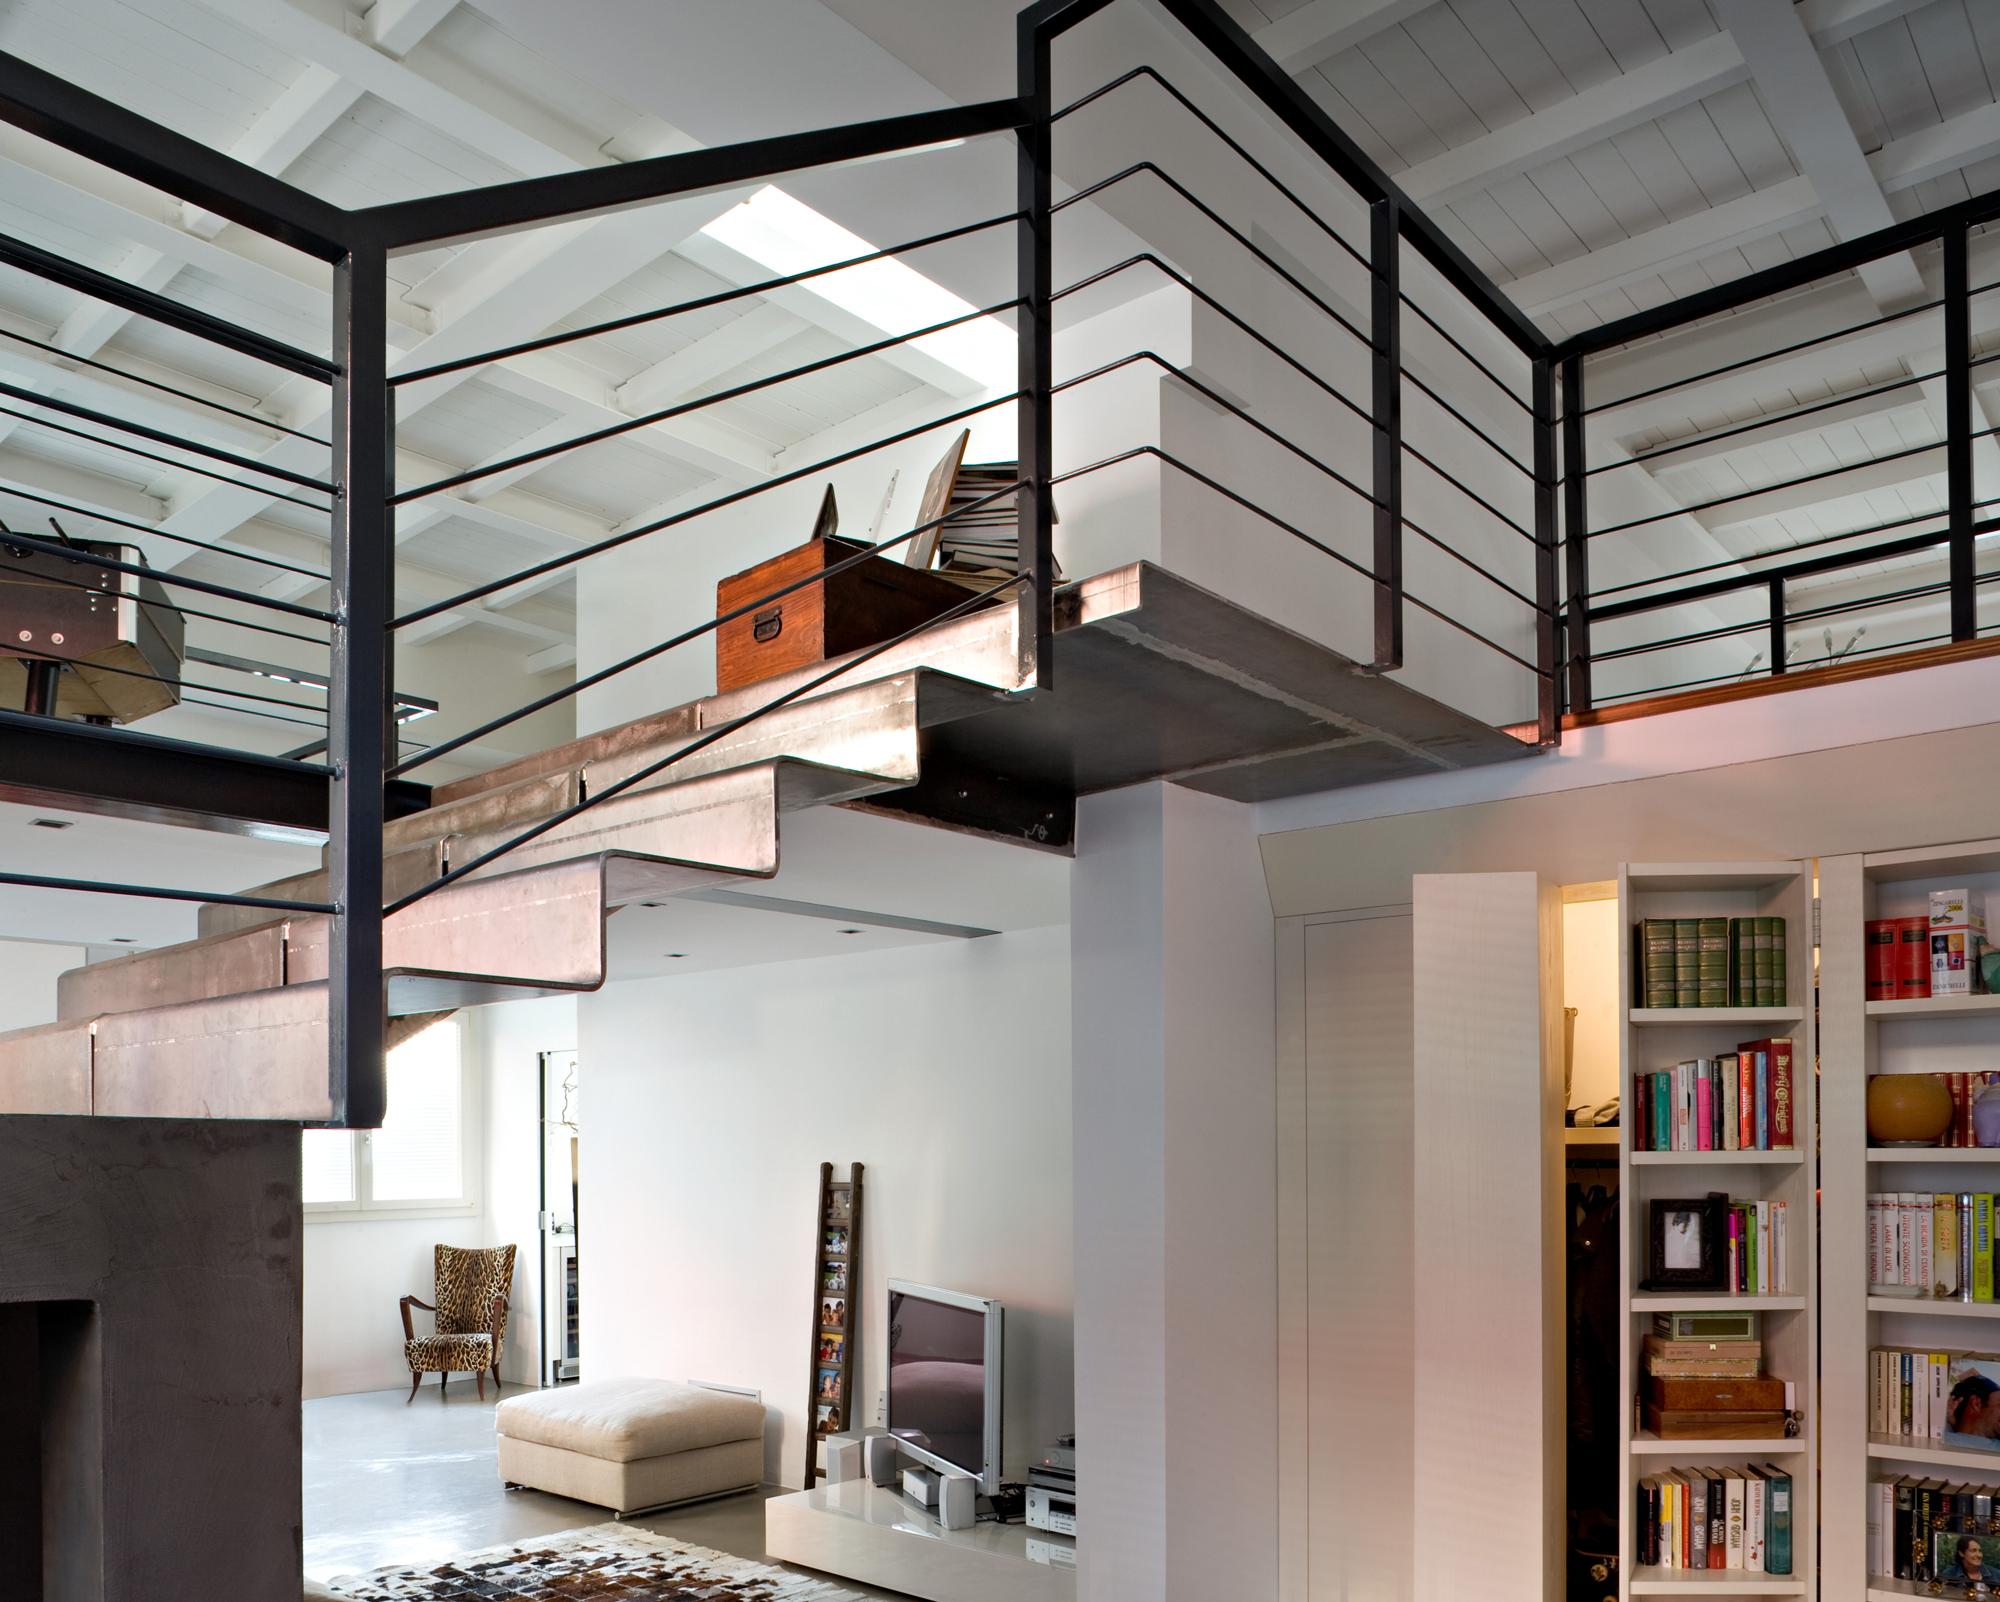 Illuminazione Con Tiranti : Costruire un soppalco calpestabile: come realizzare un soppalco?